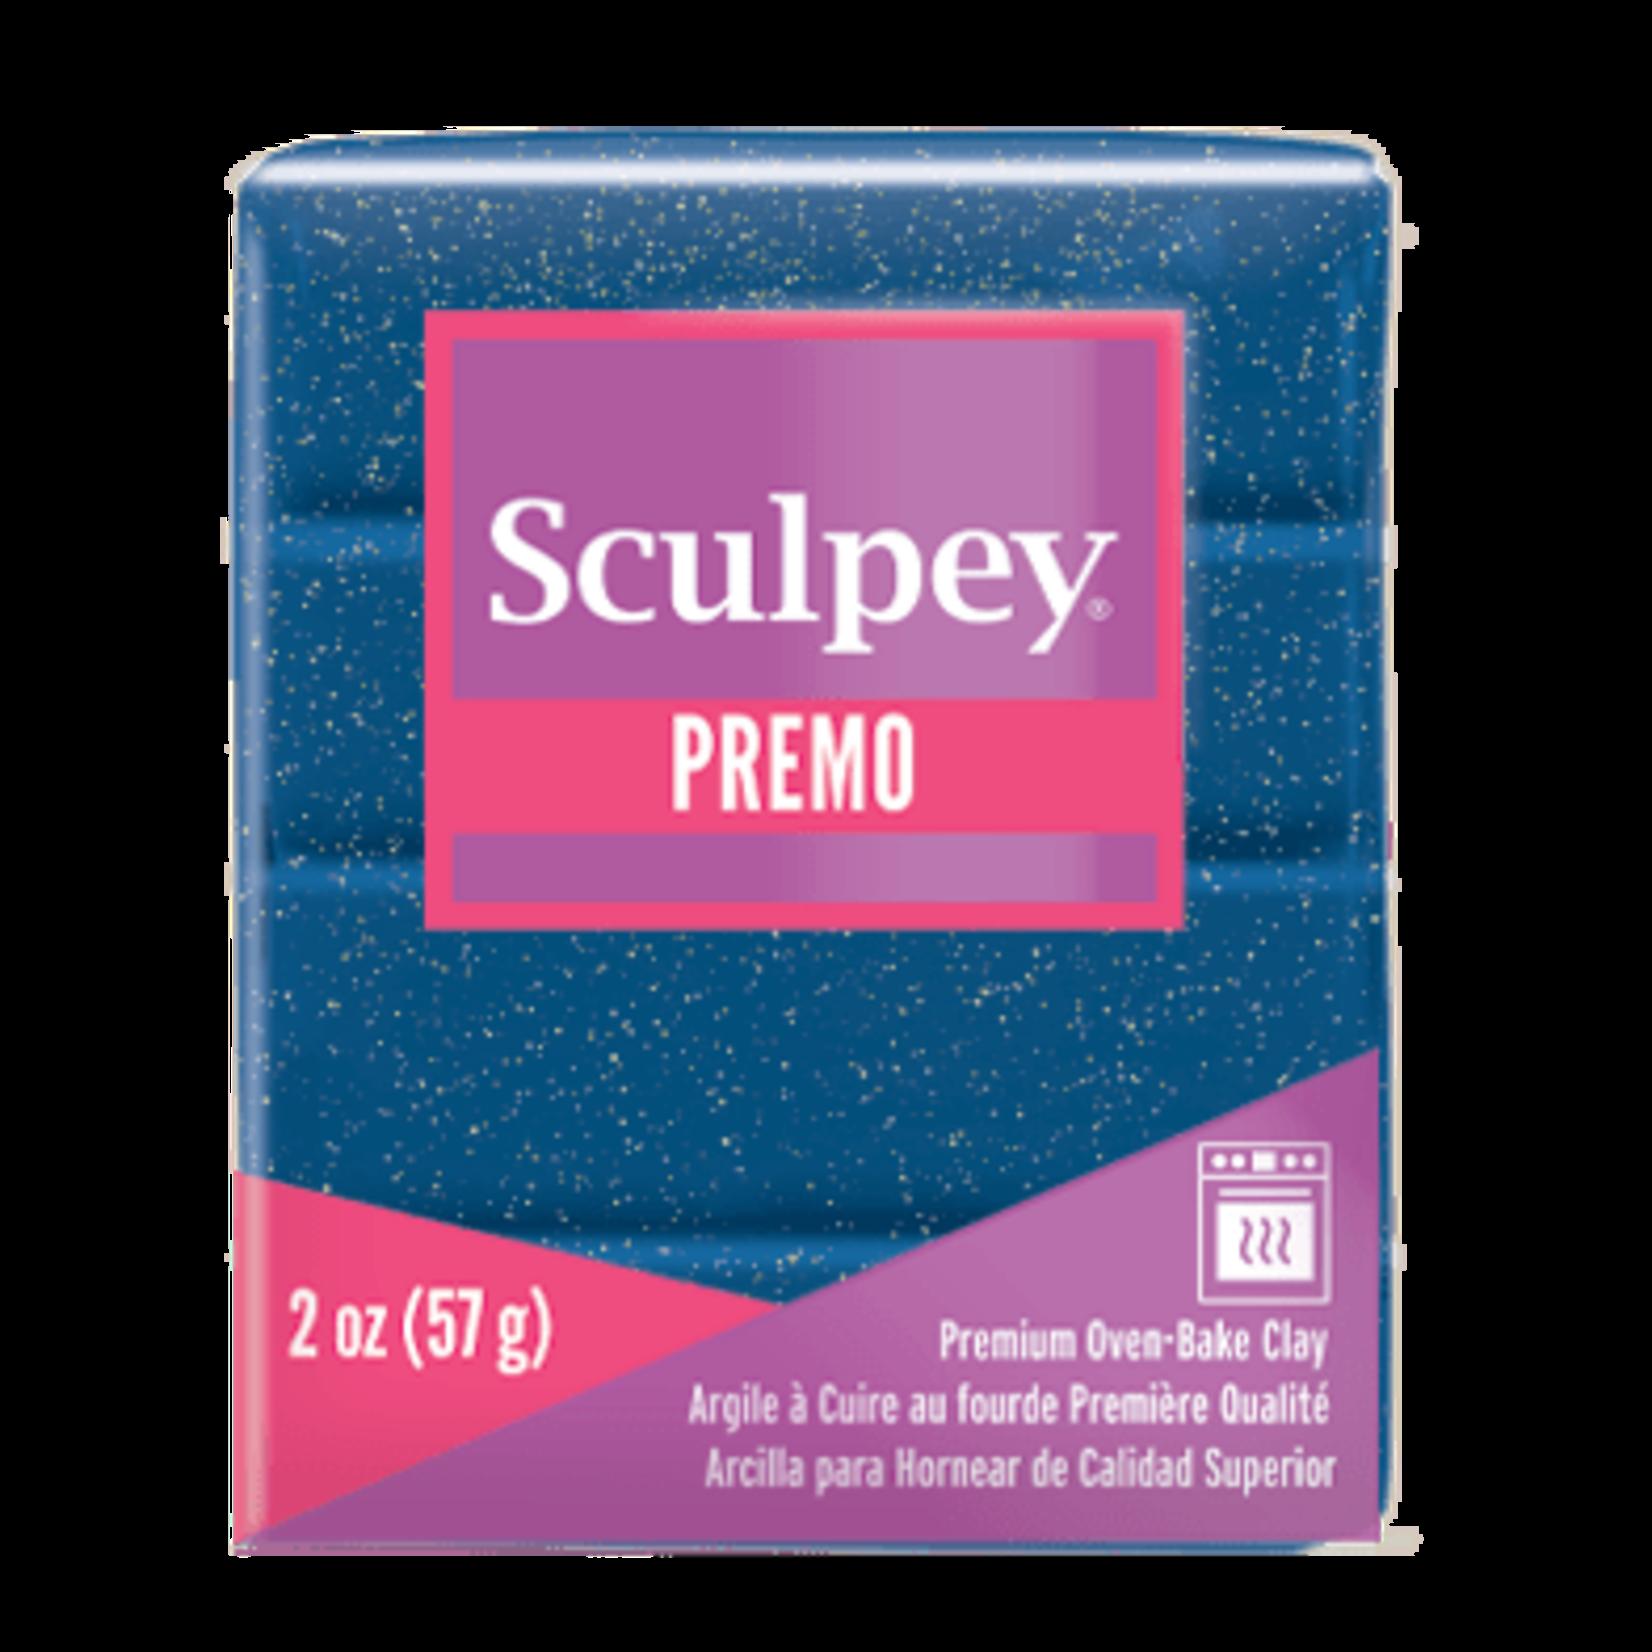 Sculpey Sculpey Premo  -- Galaxy Glitter